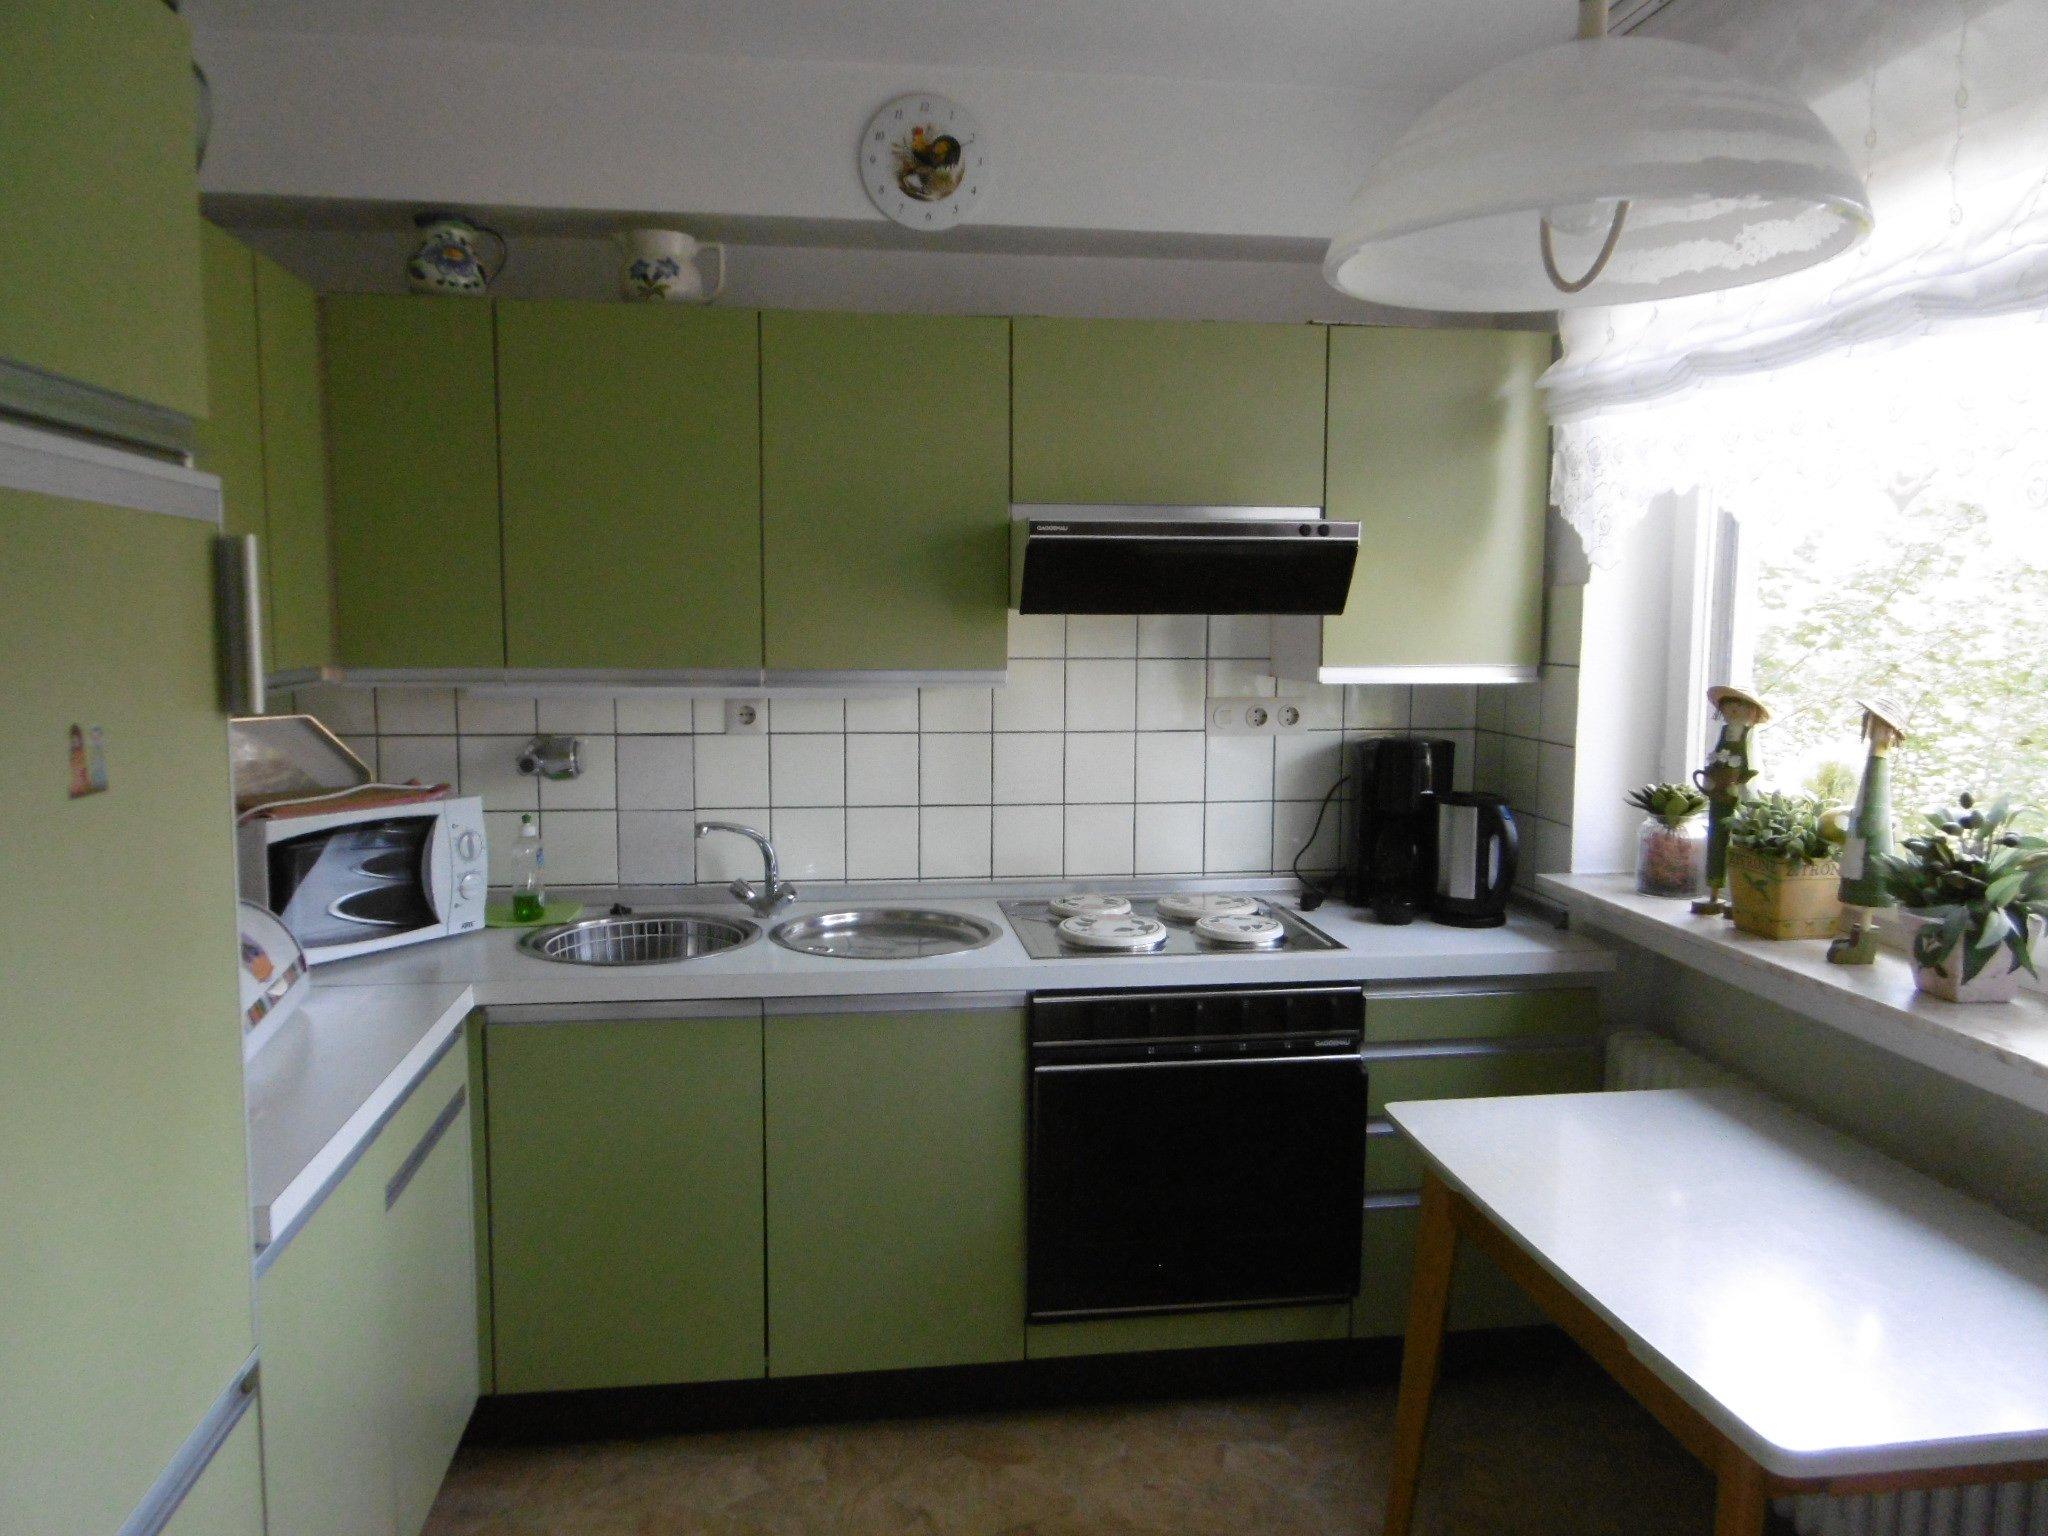 Einbauküche mit Sitzgelegenheit